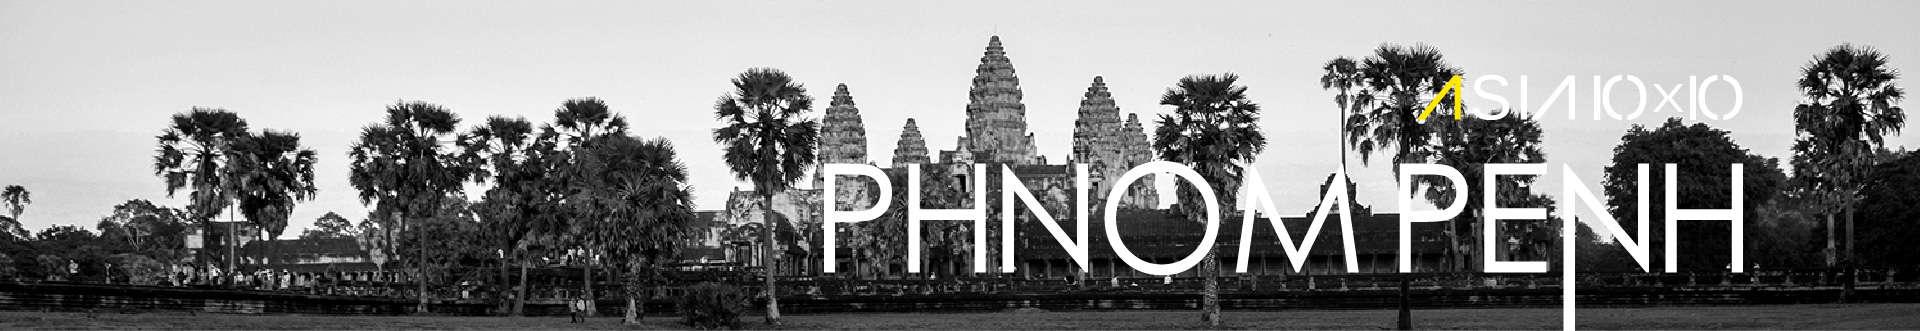 banner-asia1010-CambodiaPhnom-Penh